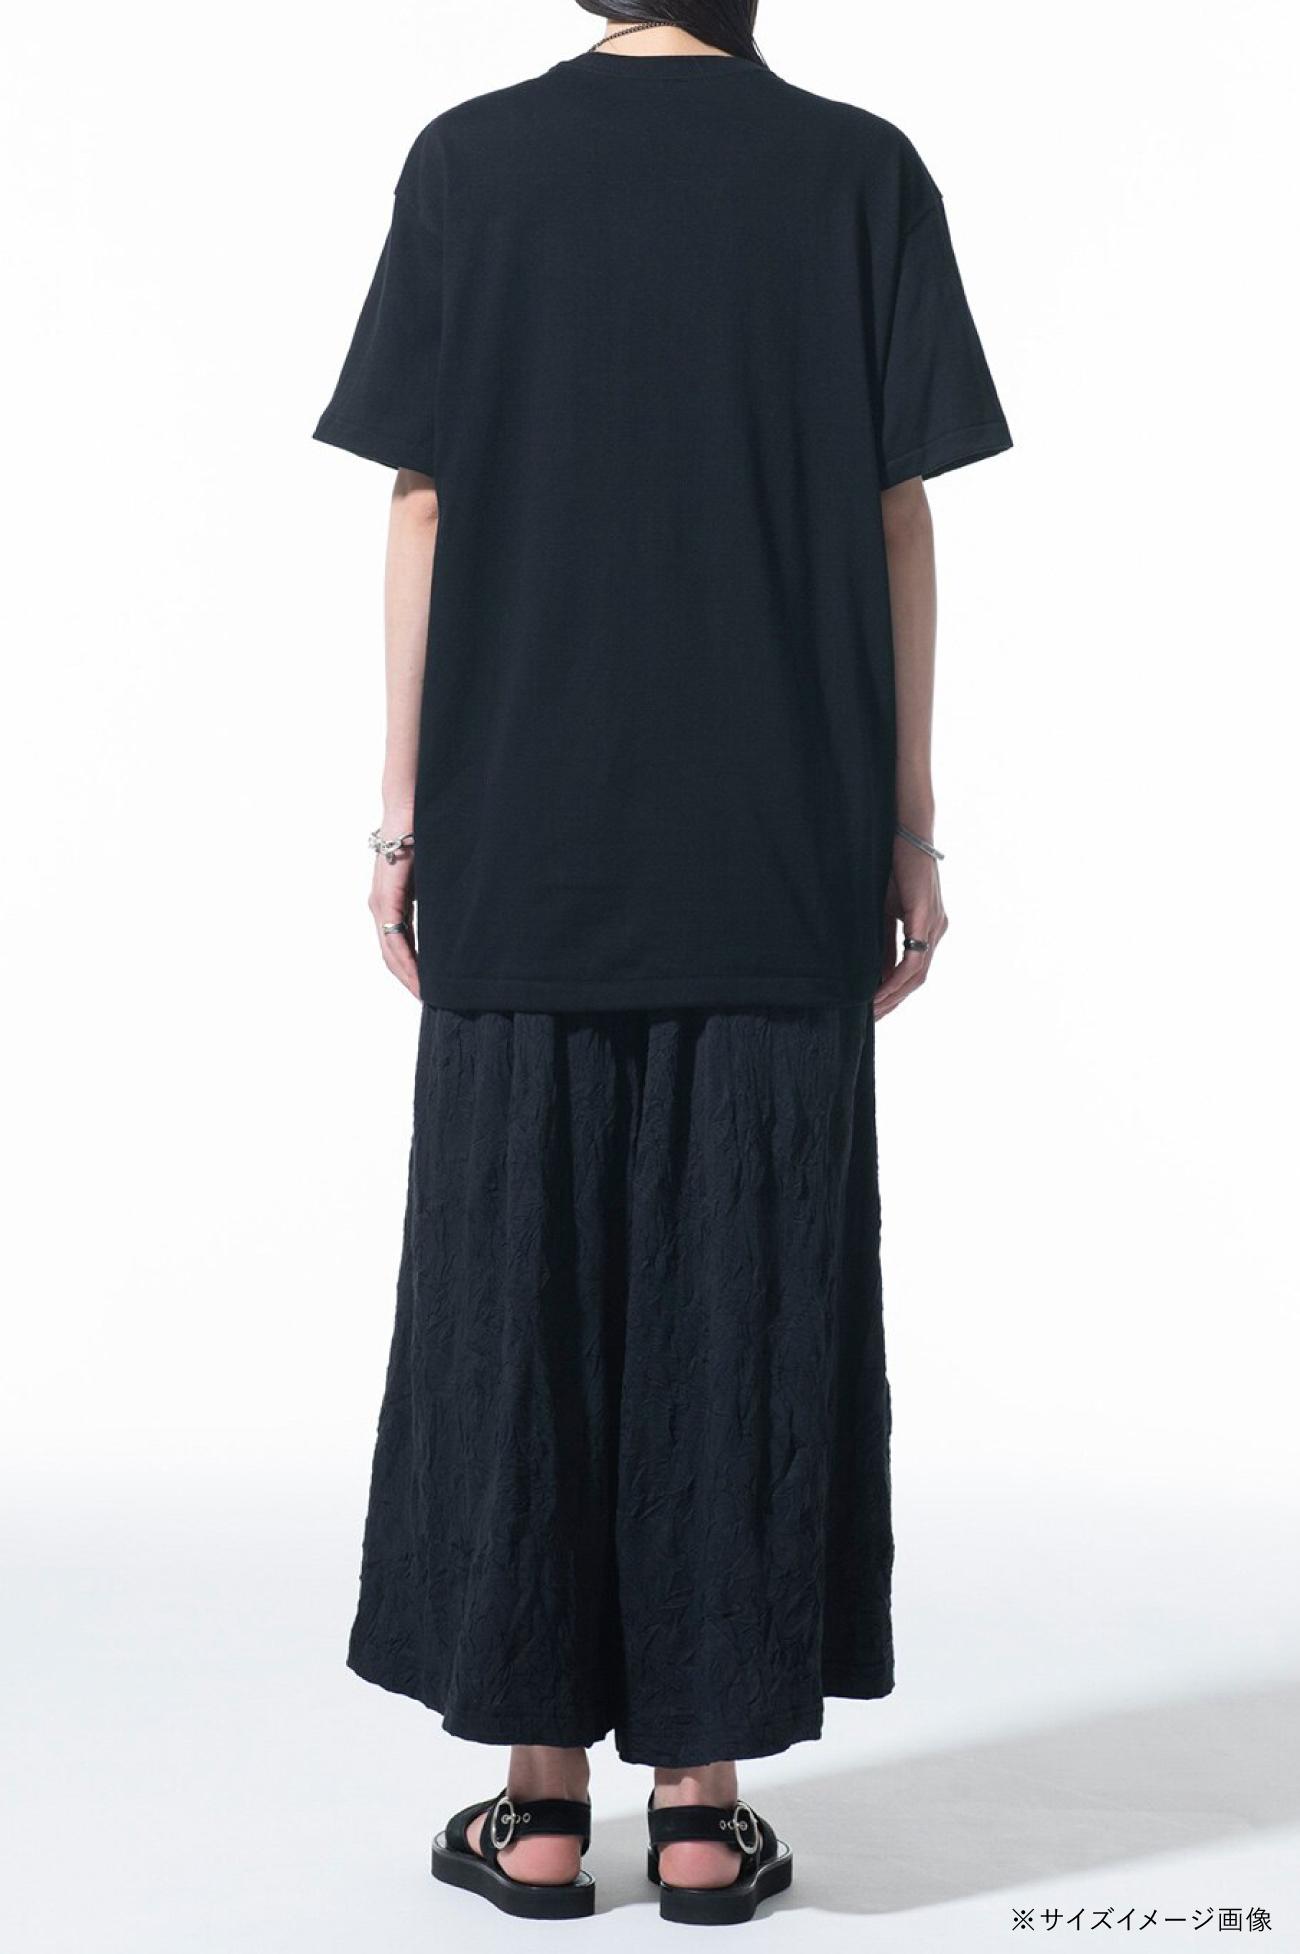 Junji ITO Twisted Visions T-shirt